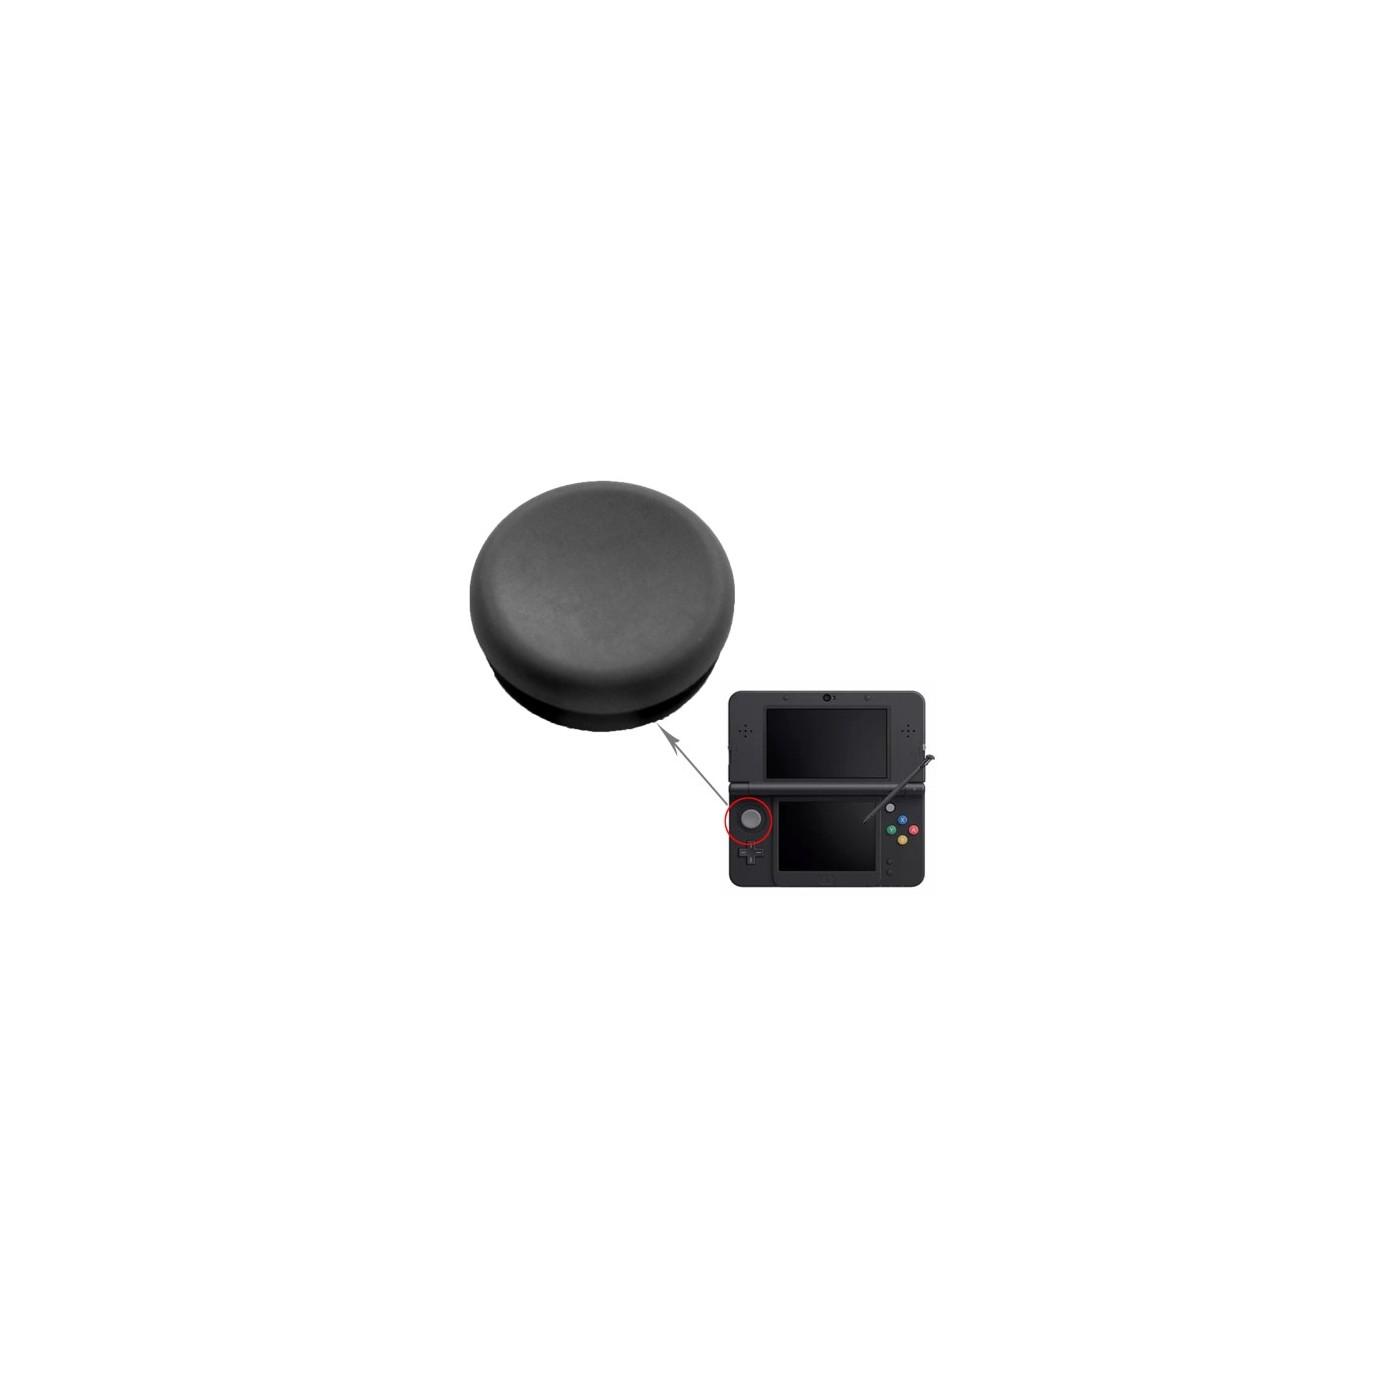 CONTRÔLEUR DE PIÈCES DE RECHANGE POUR CLÉS ANALOGIQUES 3DS BLACK JOYPAD